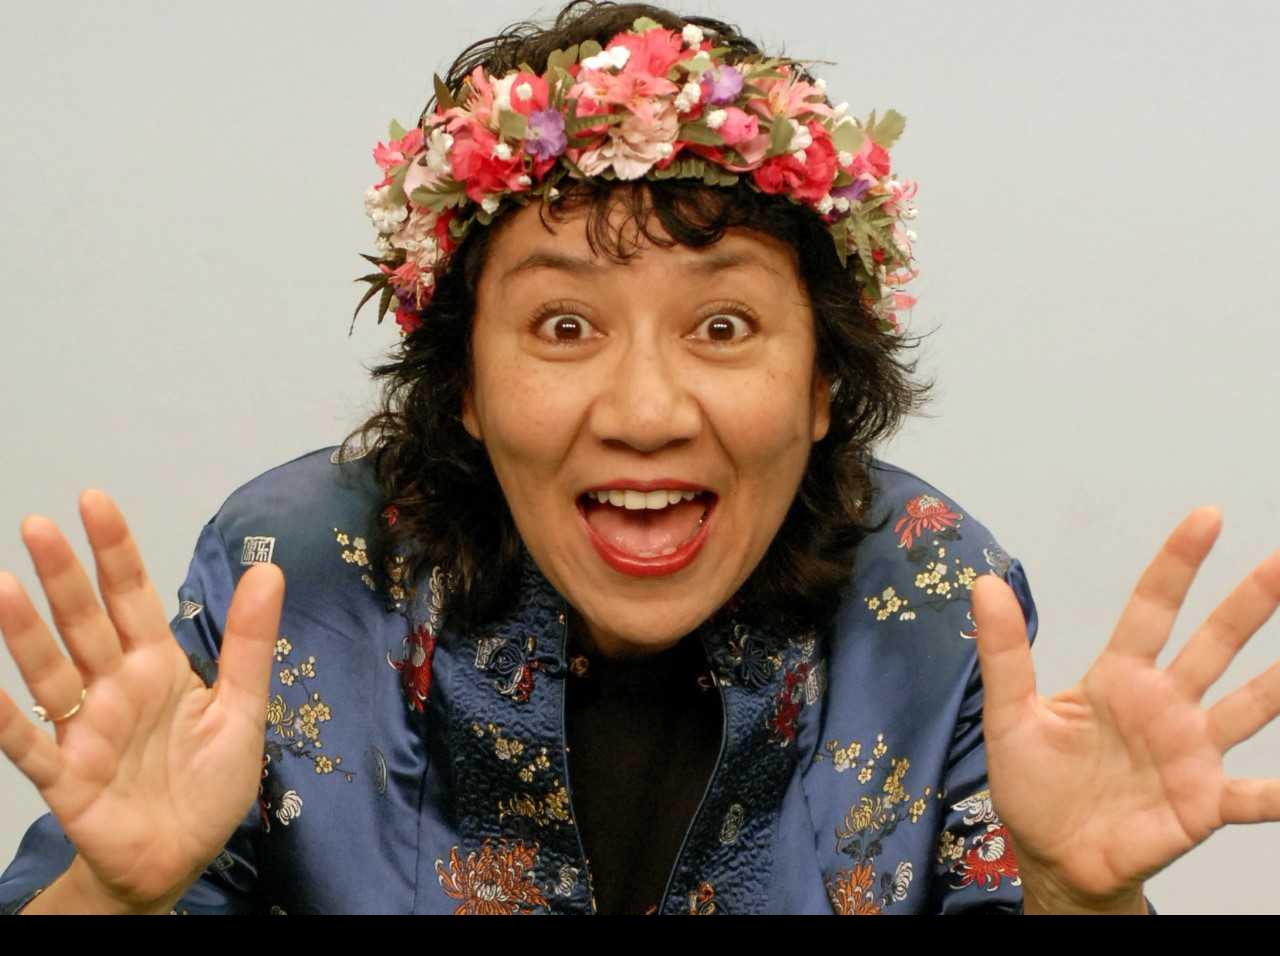 Storyteller Barbara Wong in her costume